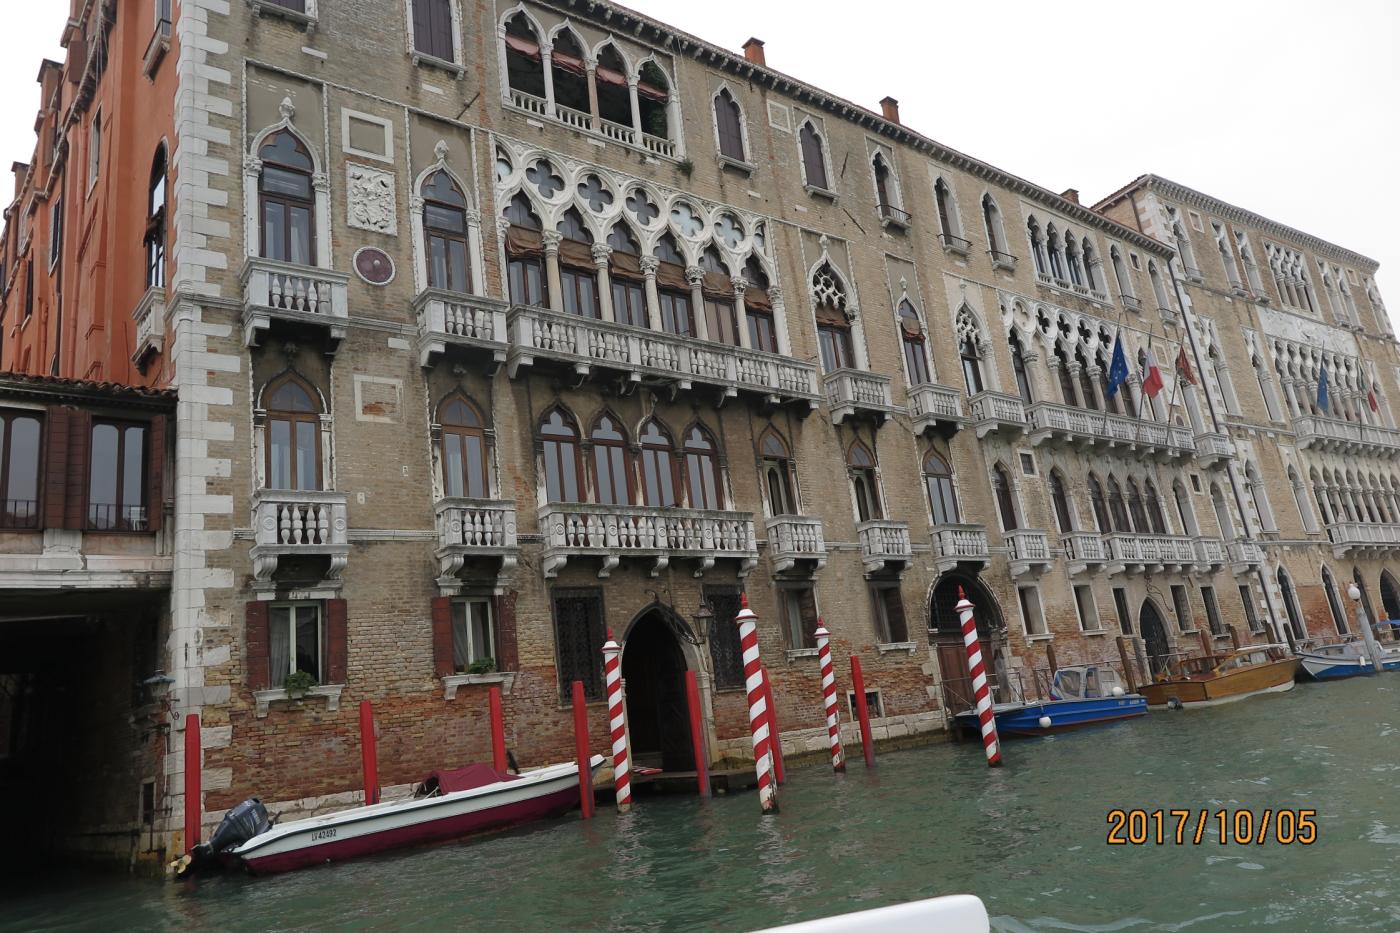 水乡威尼斯:无限的魅力永久的回忆_图1-15